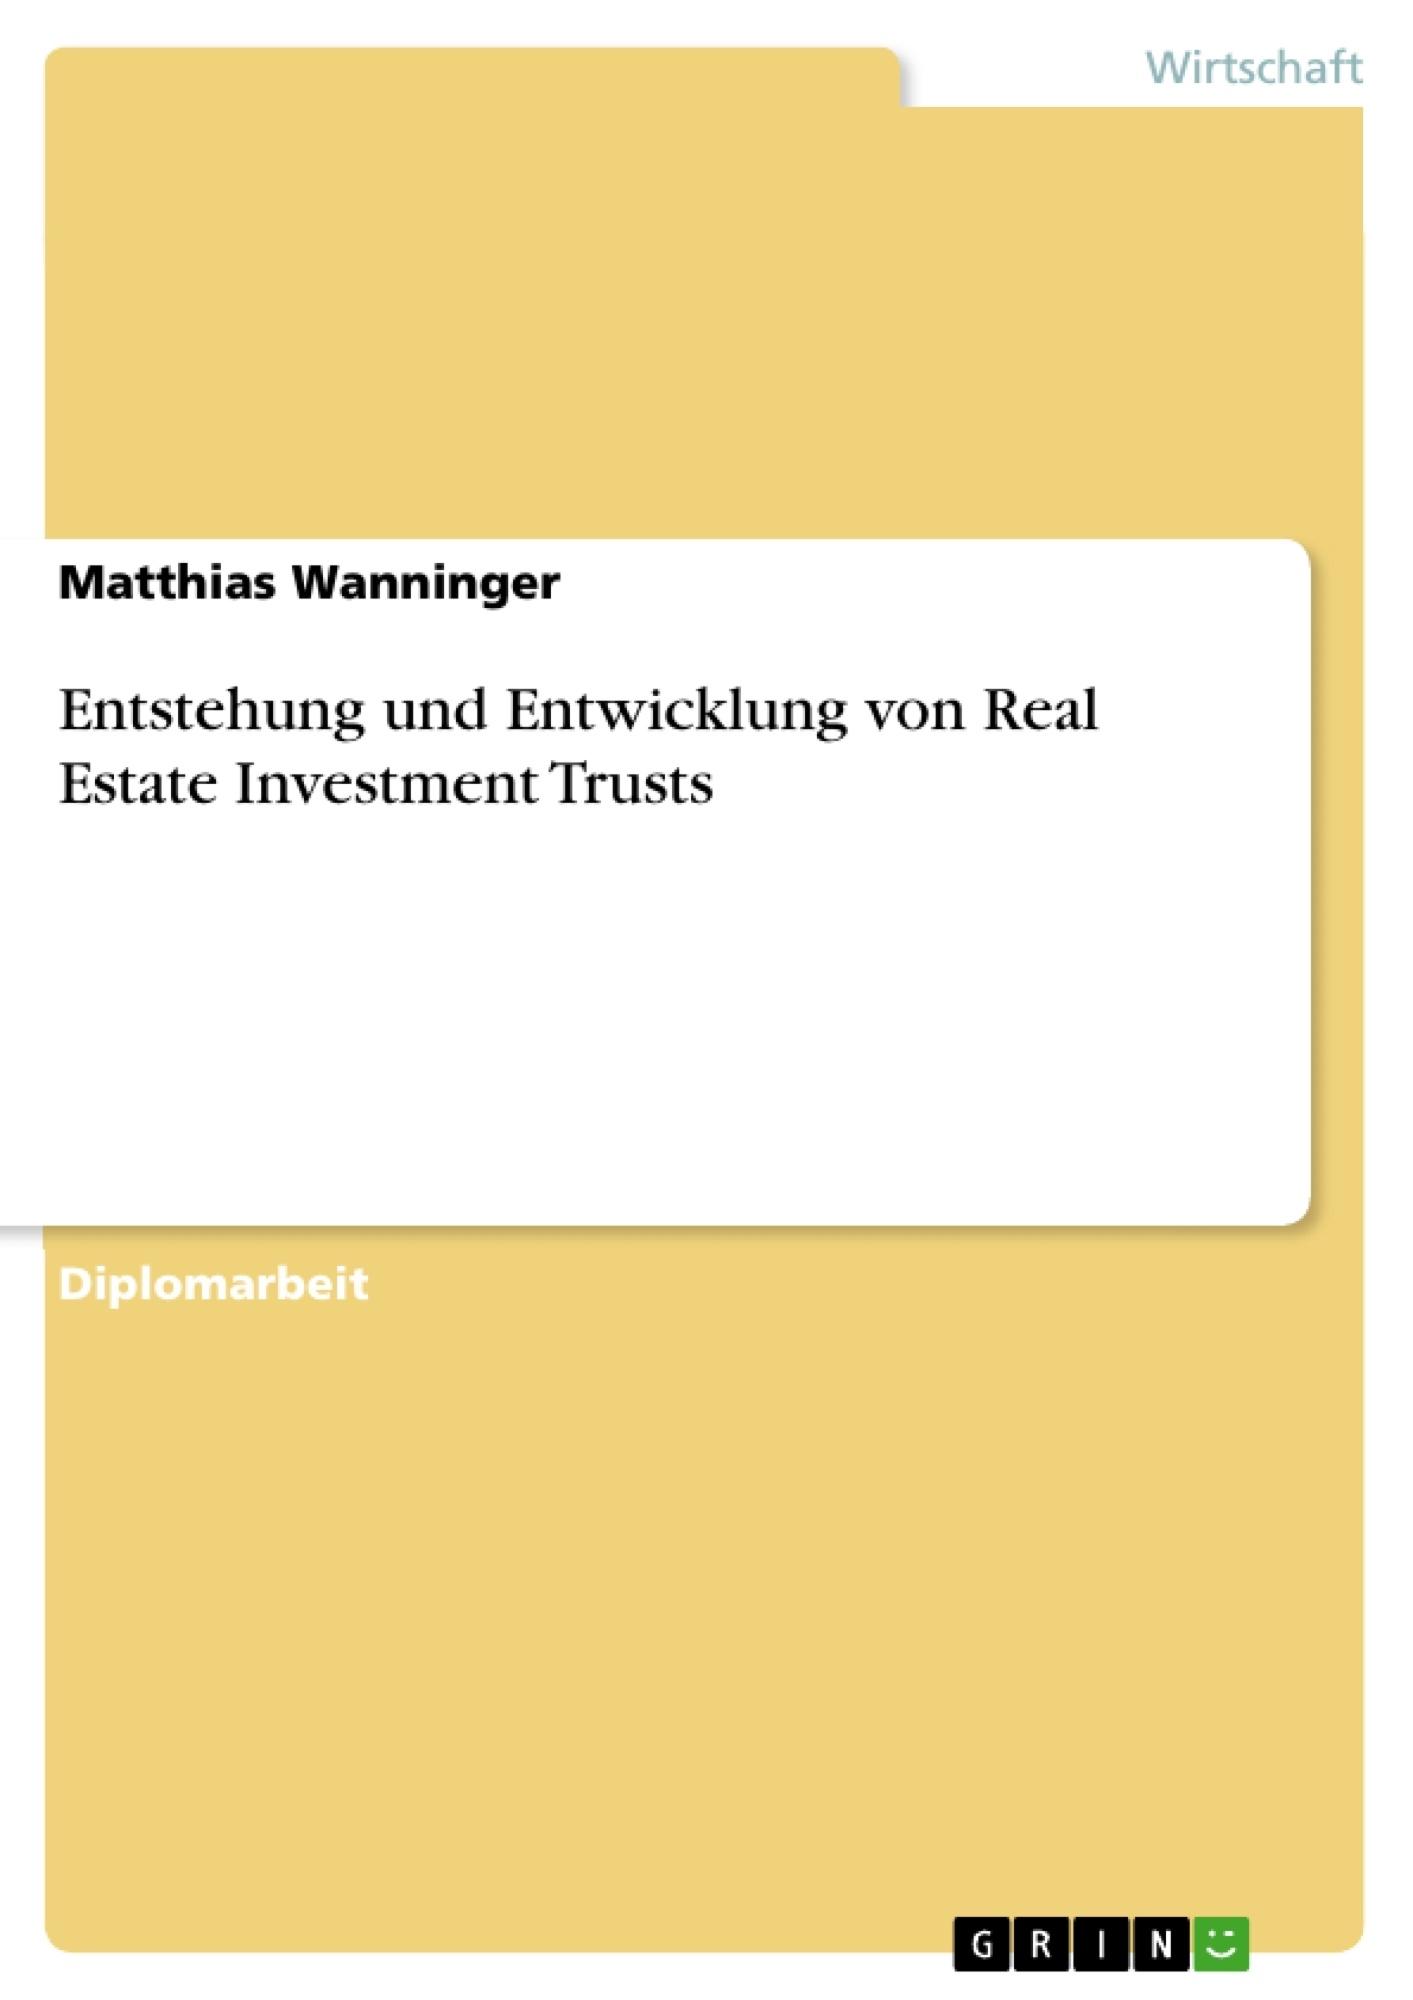 Titel: Entstehung und Entwicklung von Real Estate Investment Trusts